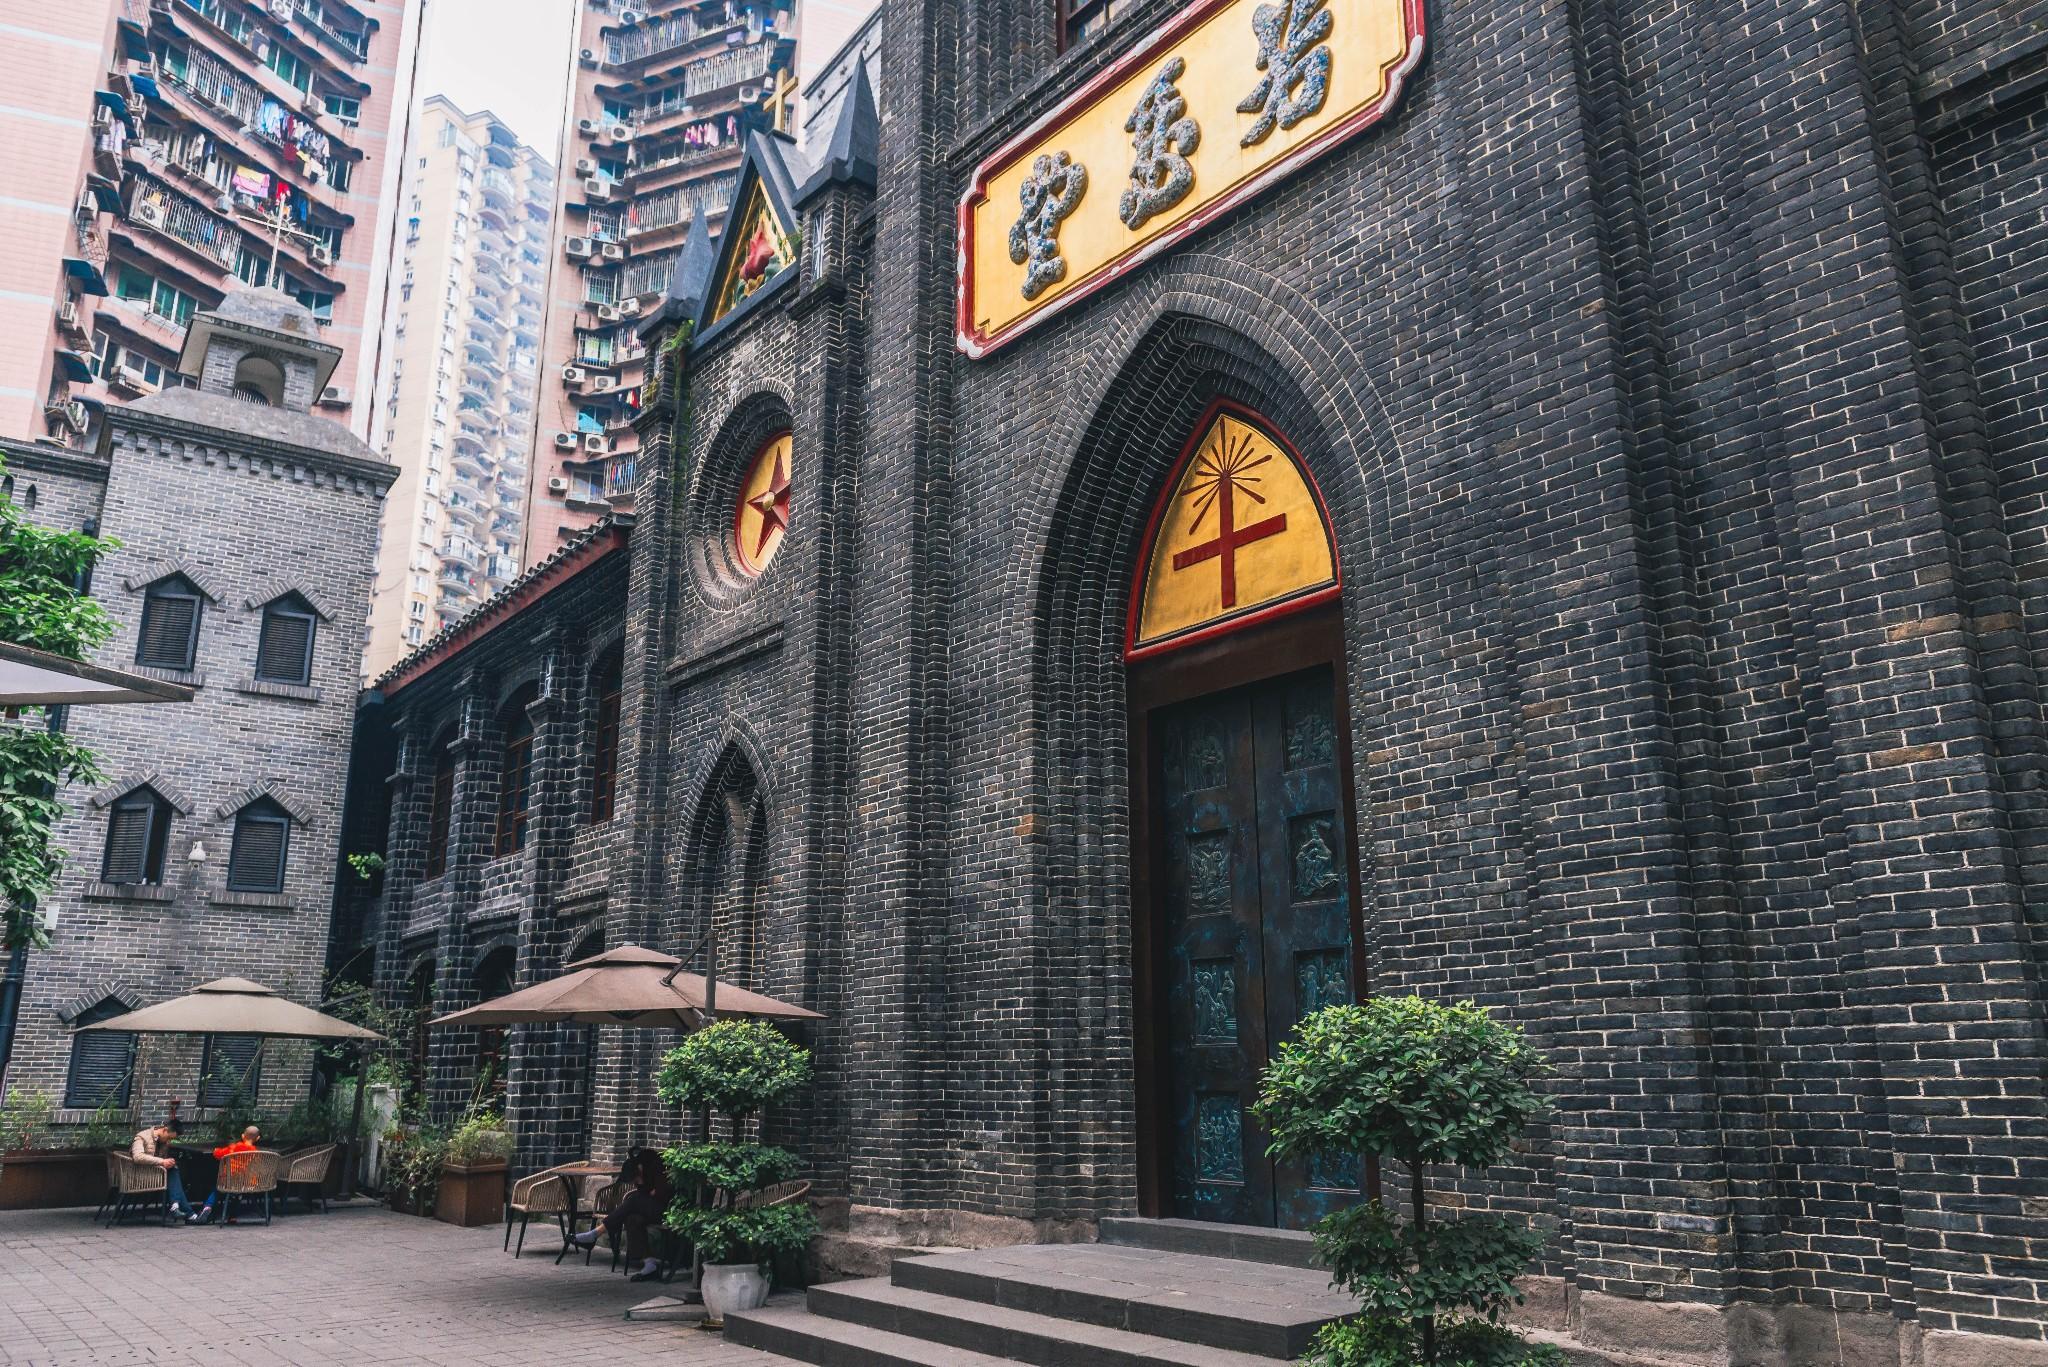 关岳庙 重庆_重庆有哪些知名度不高但值得去的地方? - 知乎